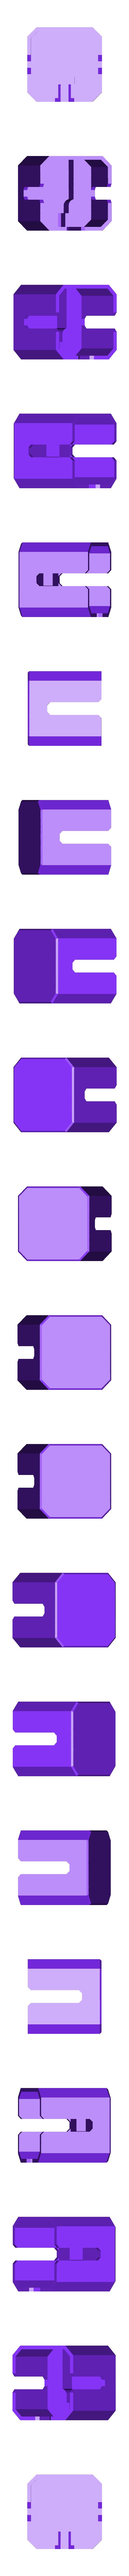 Prusa_Mini_Z-Axis_USB_Right-Left.stl Télécharger fichier STL gratuit Prusa Mini USB Extension Z-Axis Mod • Plan à imprimer en 3D, RT3DWorkshop